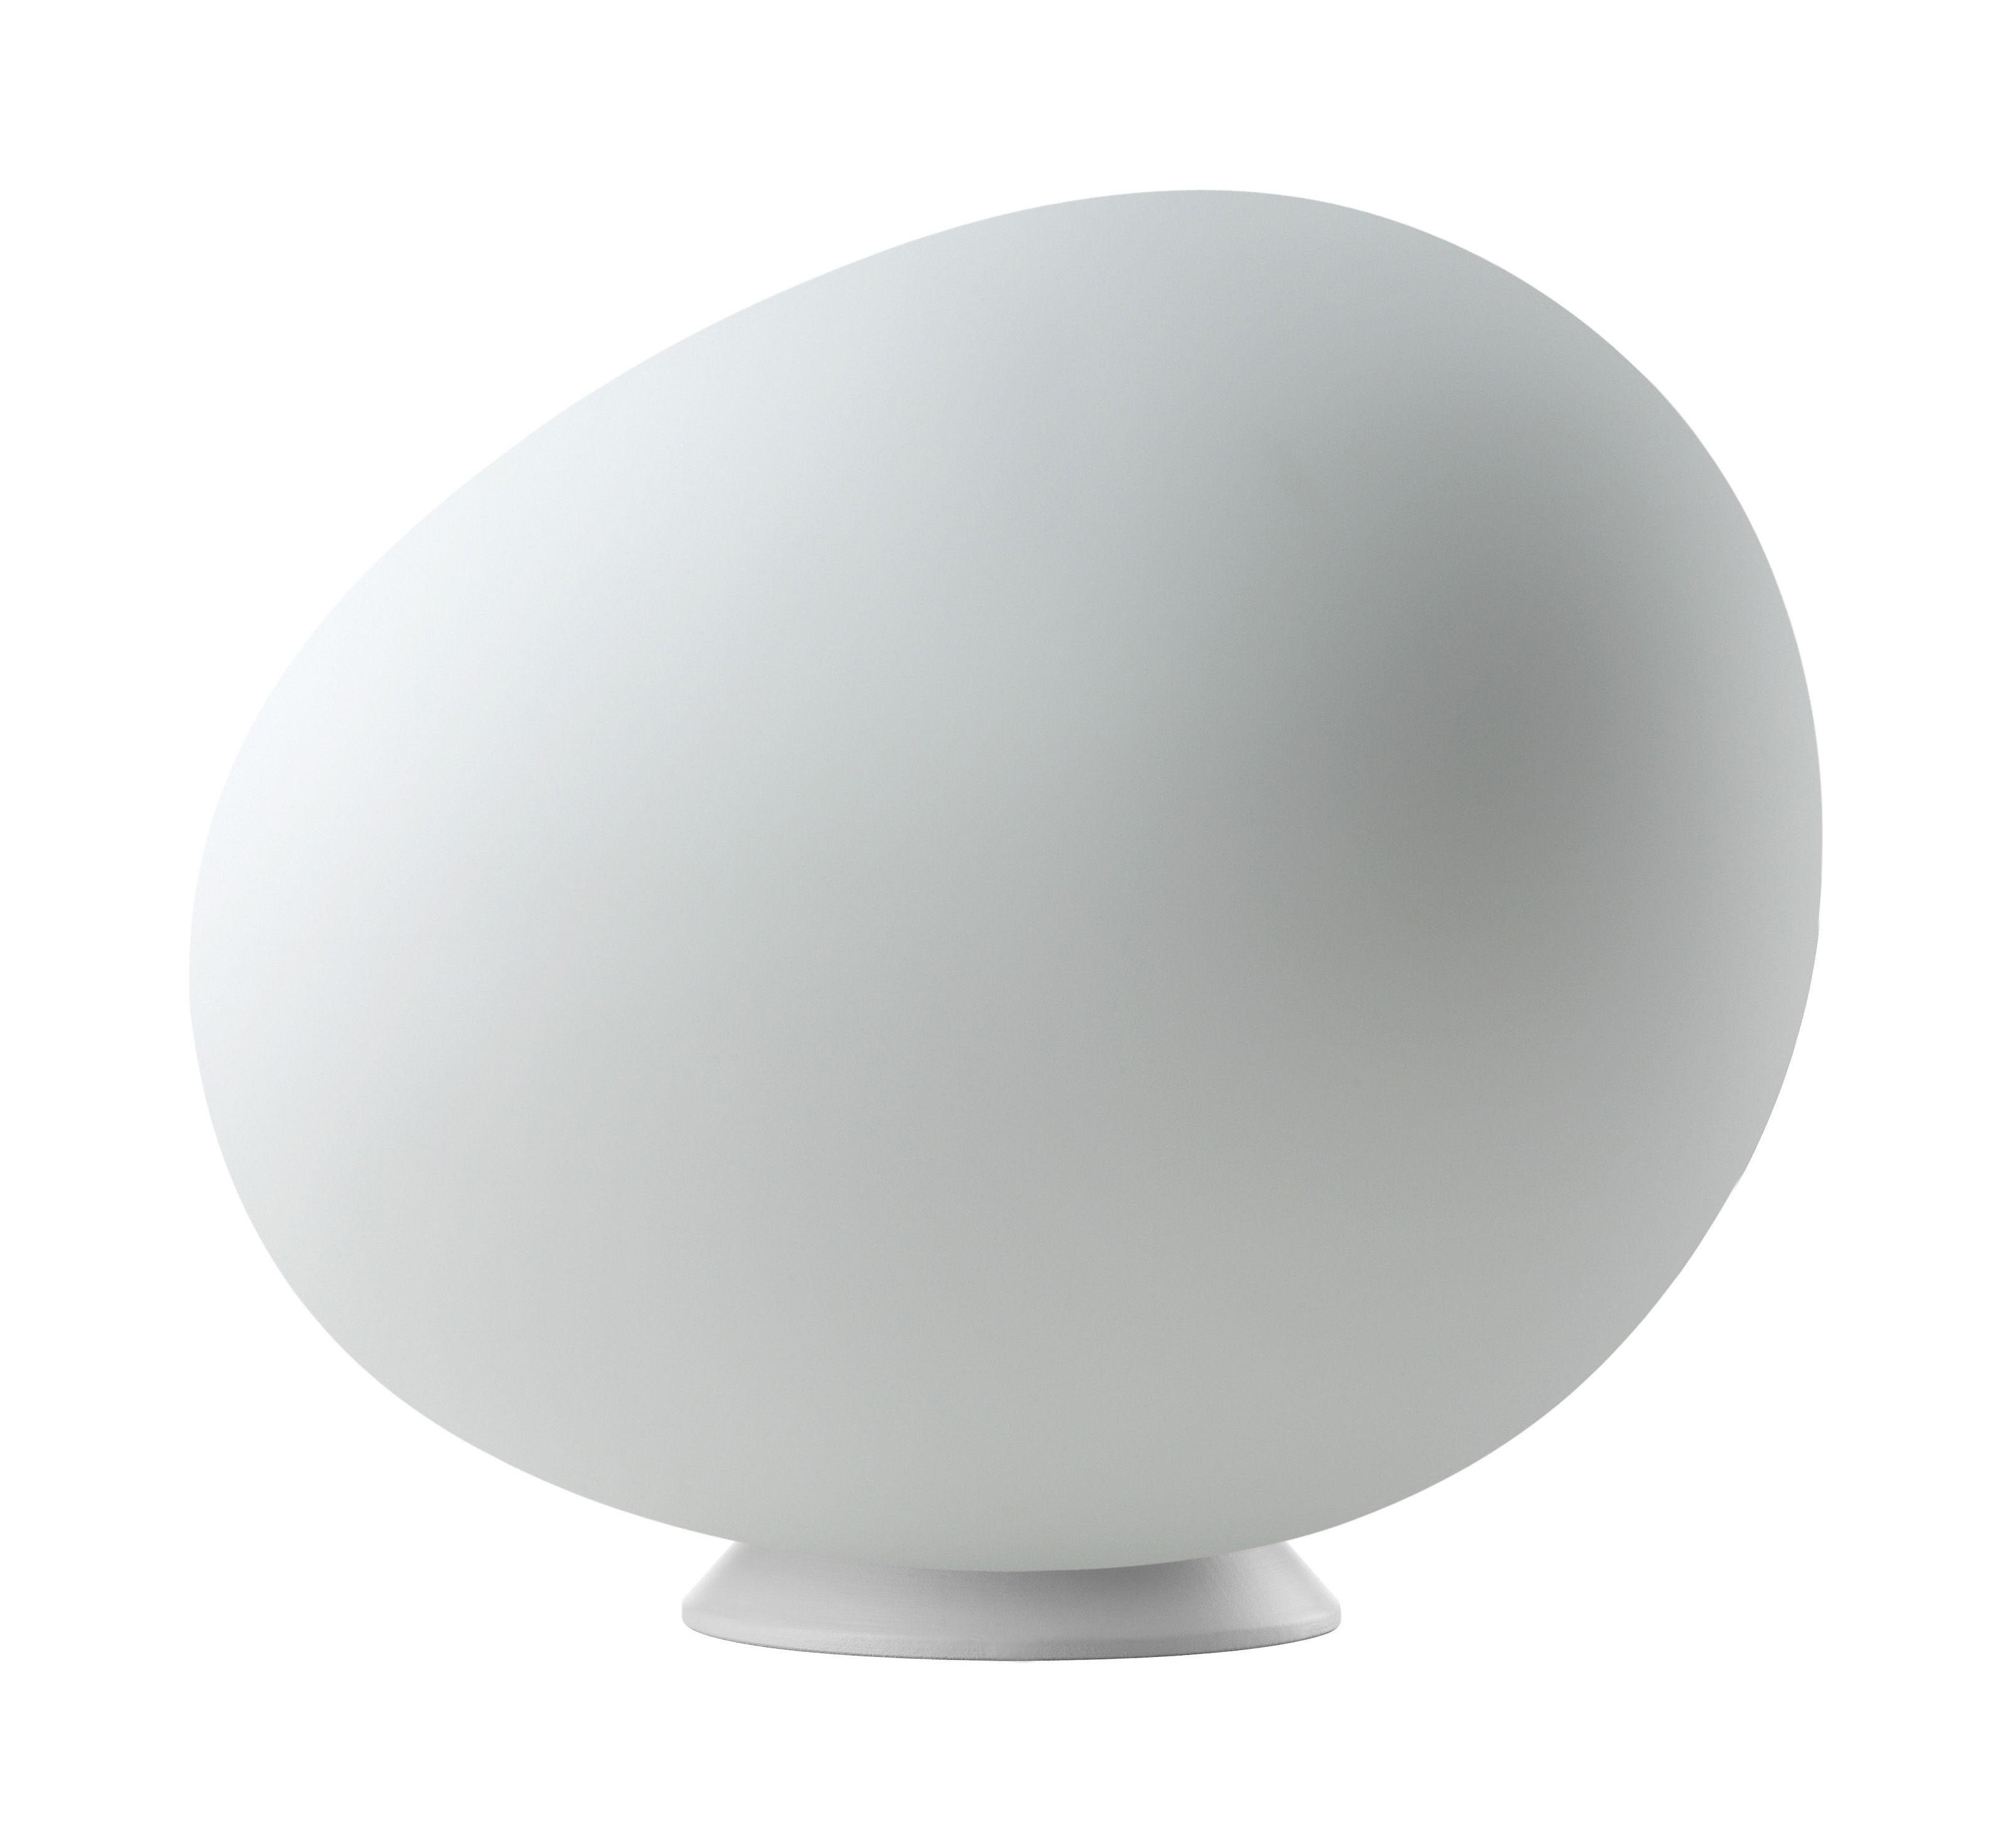 Leuchten - Tischleuchten - Gregg Piccola Tischleuchte Outdoor-Variante - S - Foscarini - Weiß - schwarzes Kabel - Polyäthylen, rostfreier Stahl